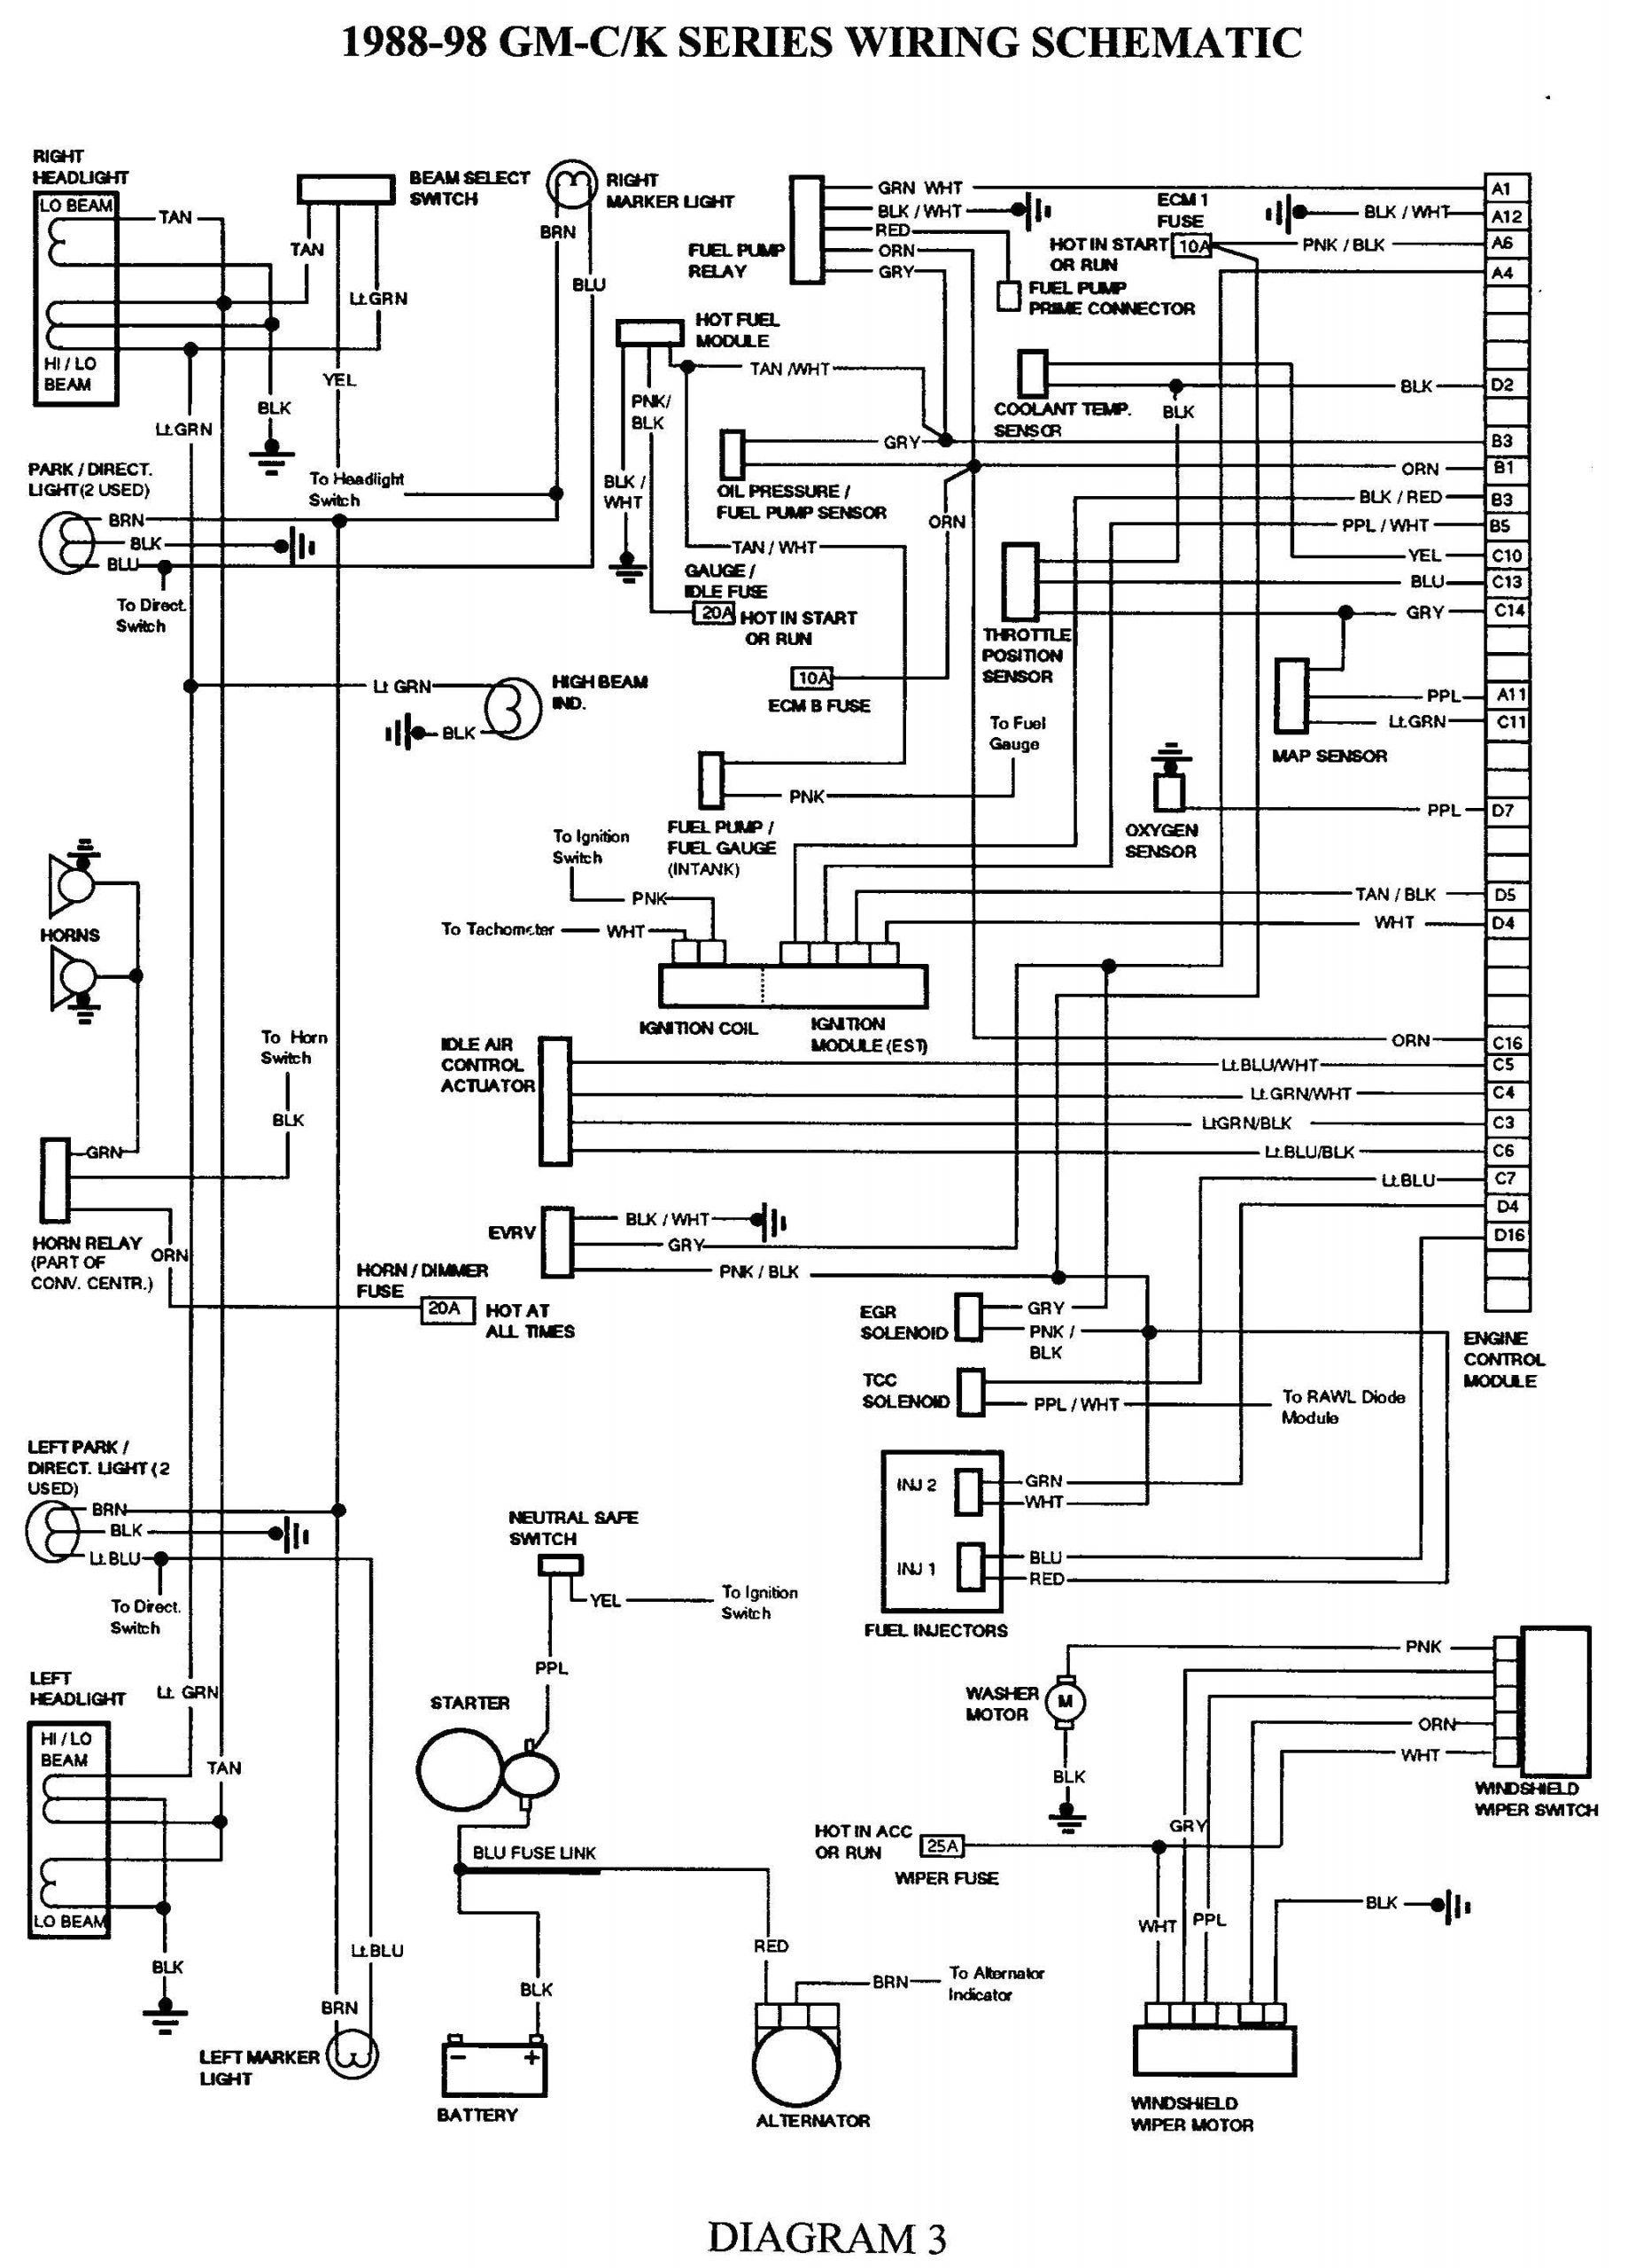 Delphi Radio Wiring Color Codes  Delphi Delco Electronics